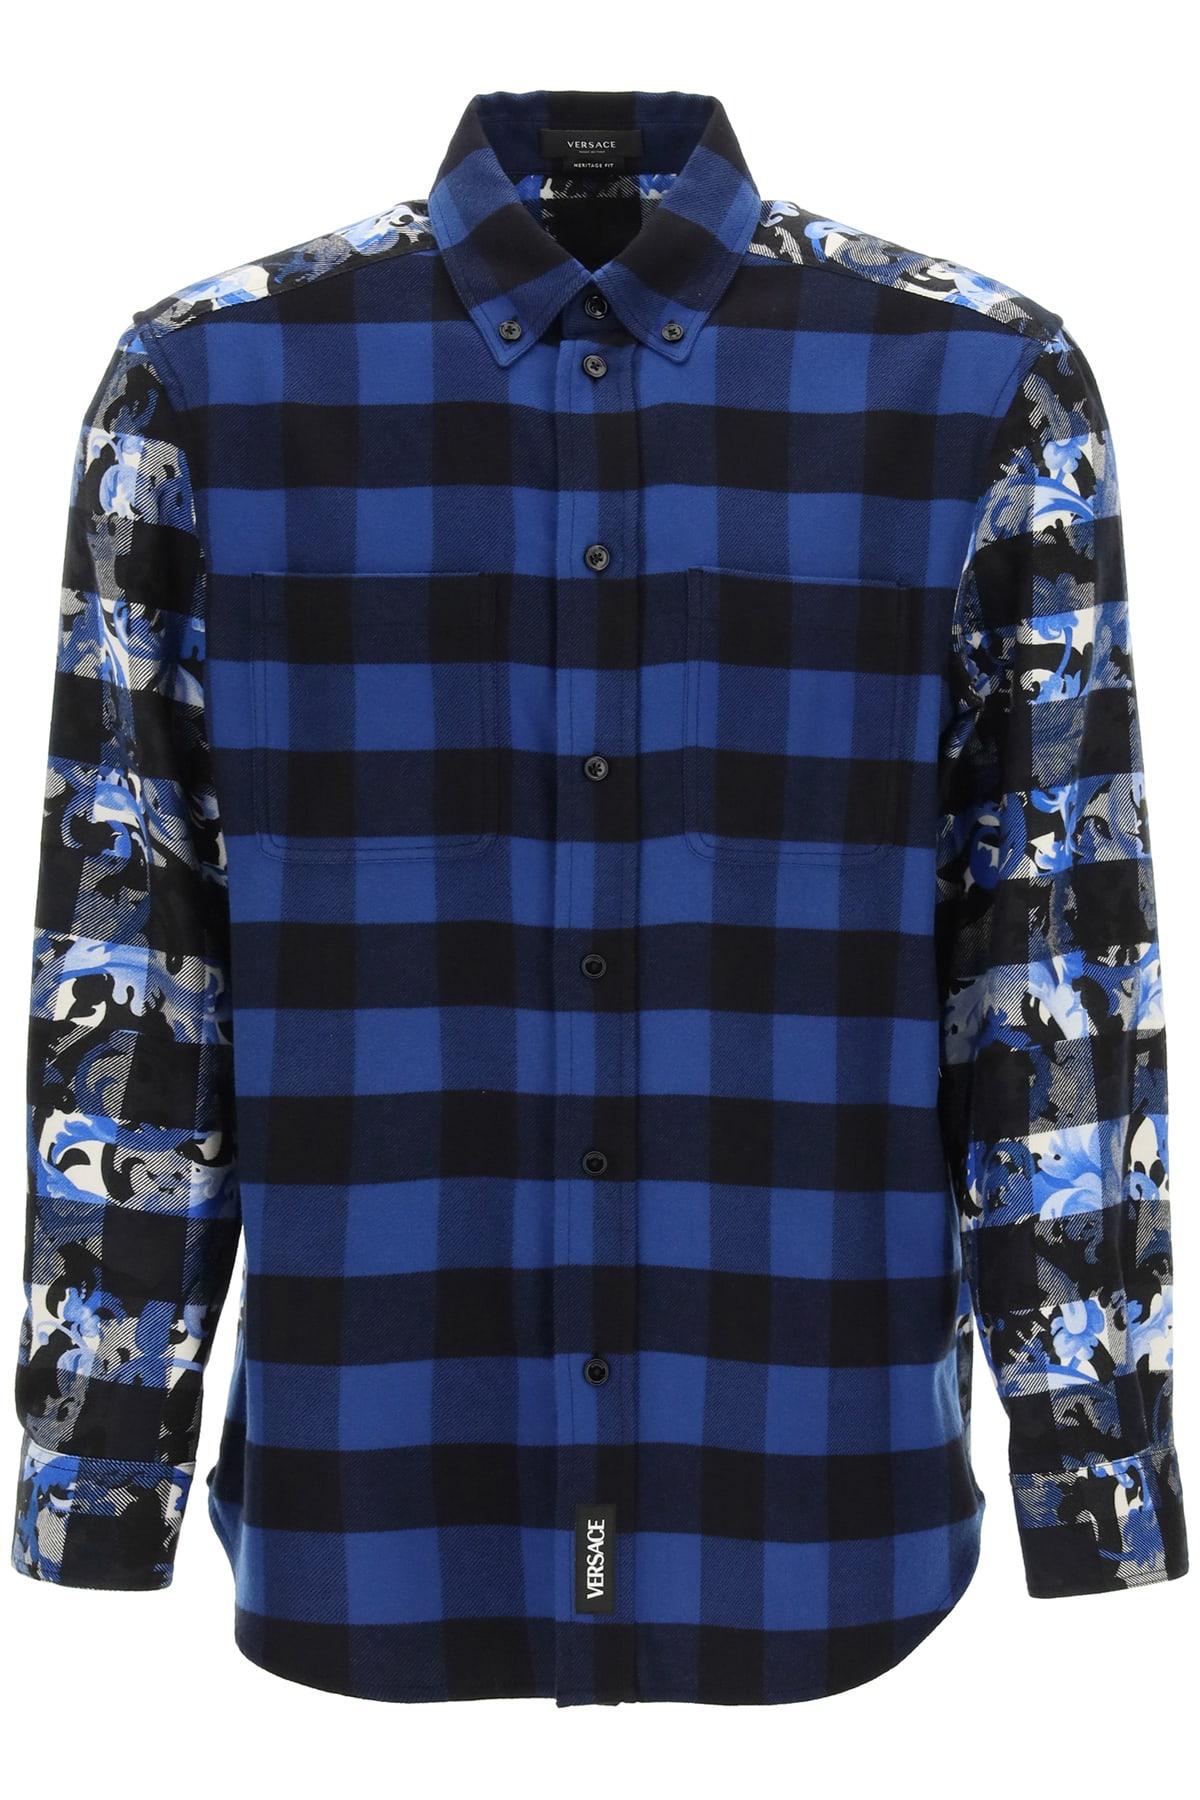 Versace Baroccoflage Flannel Shirt